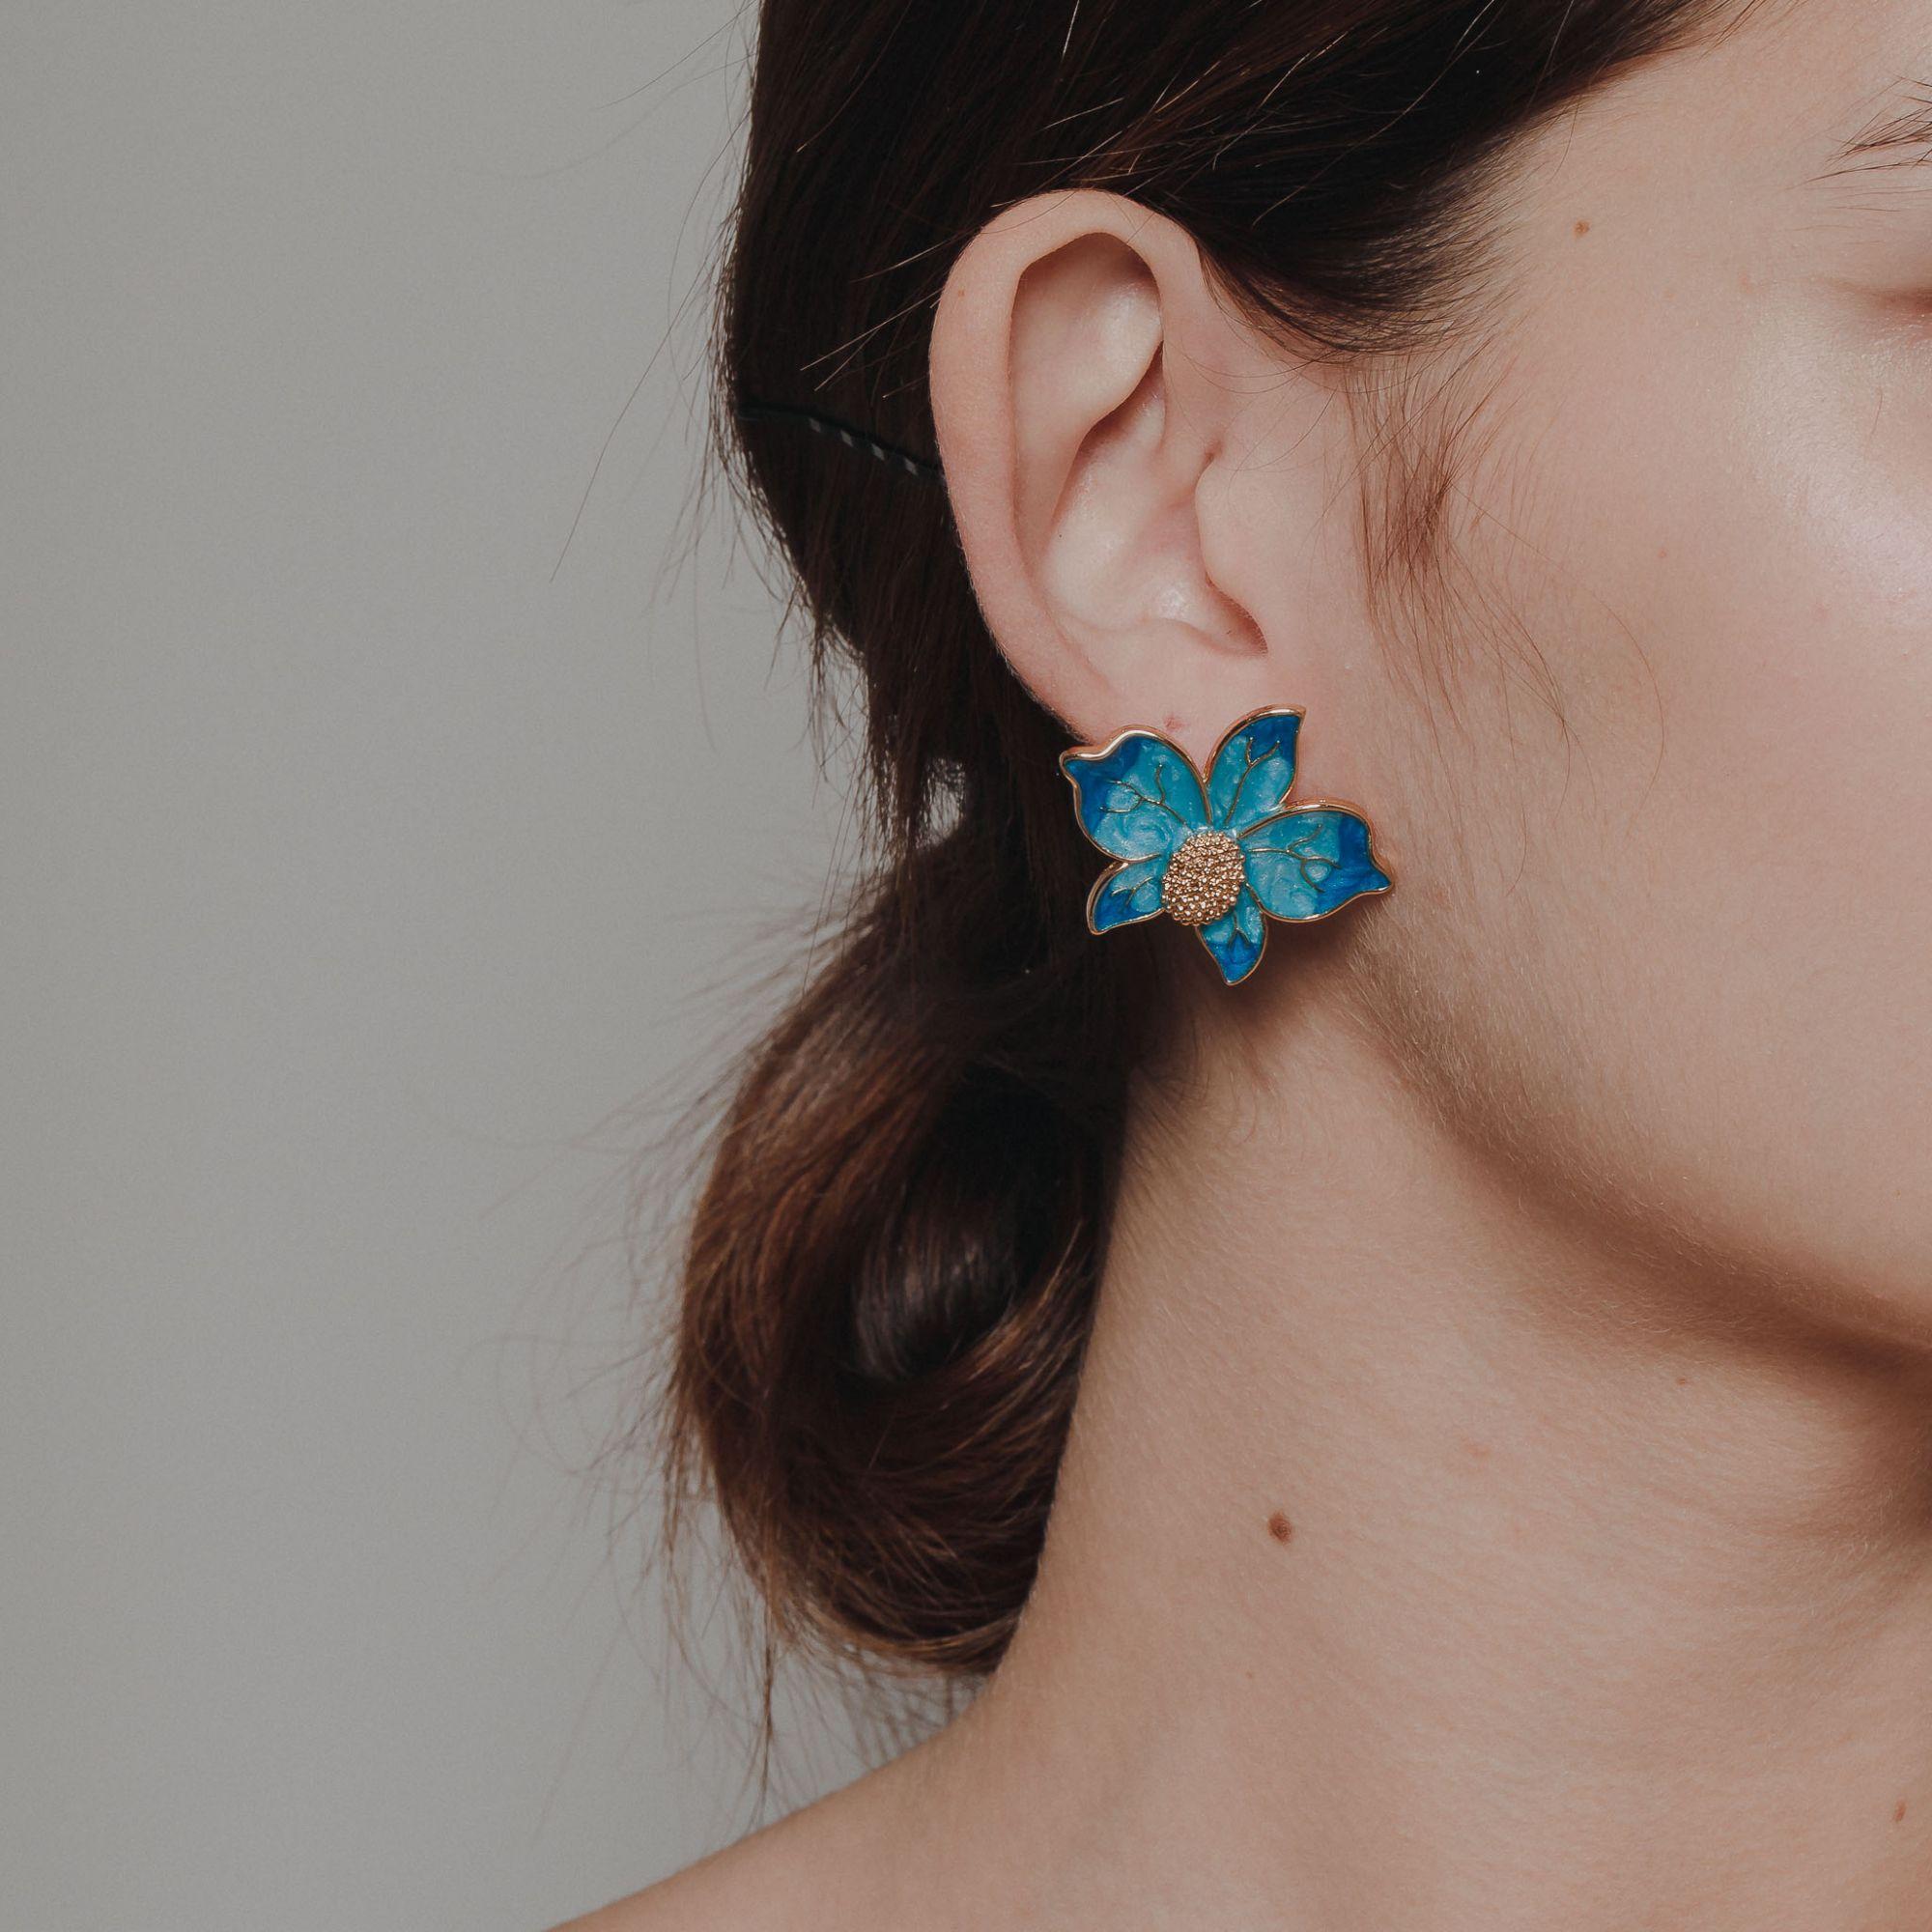 Brinco de orquídea banhado a ouro 18k resinado em azul.  - romabrazil.com.br